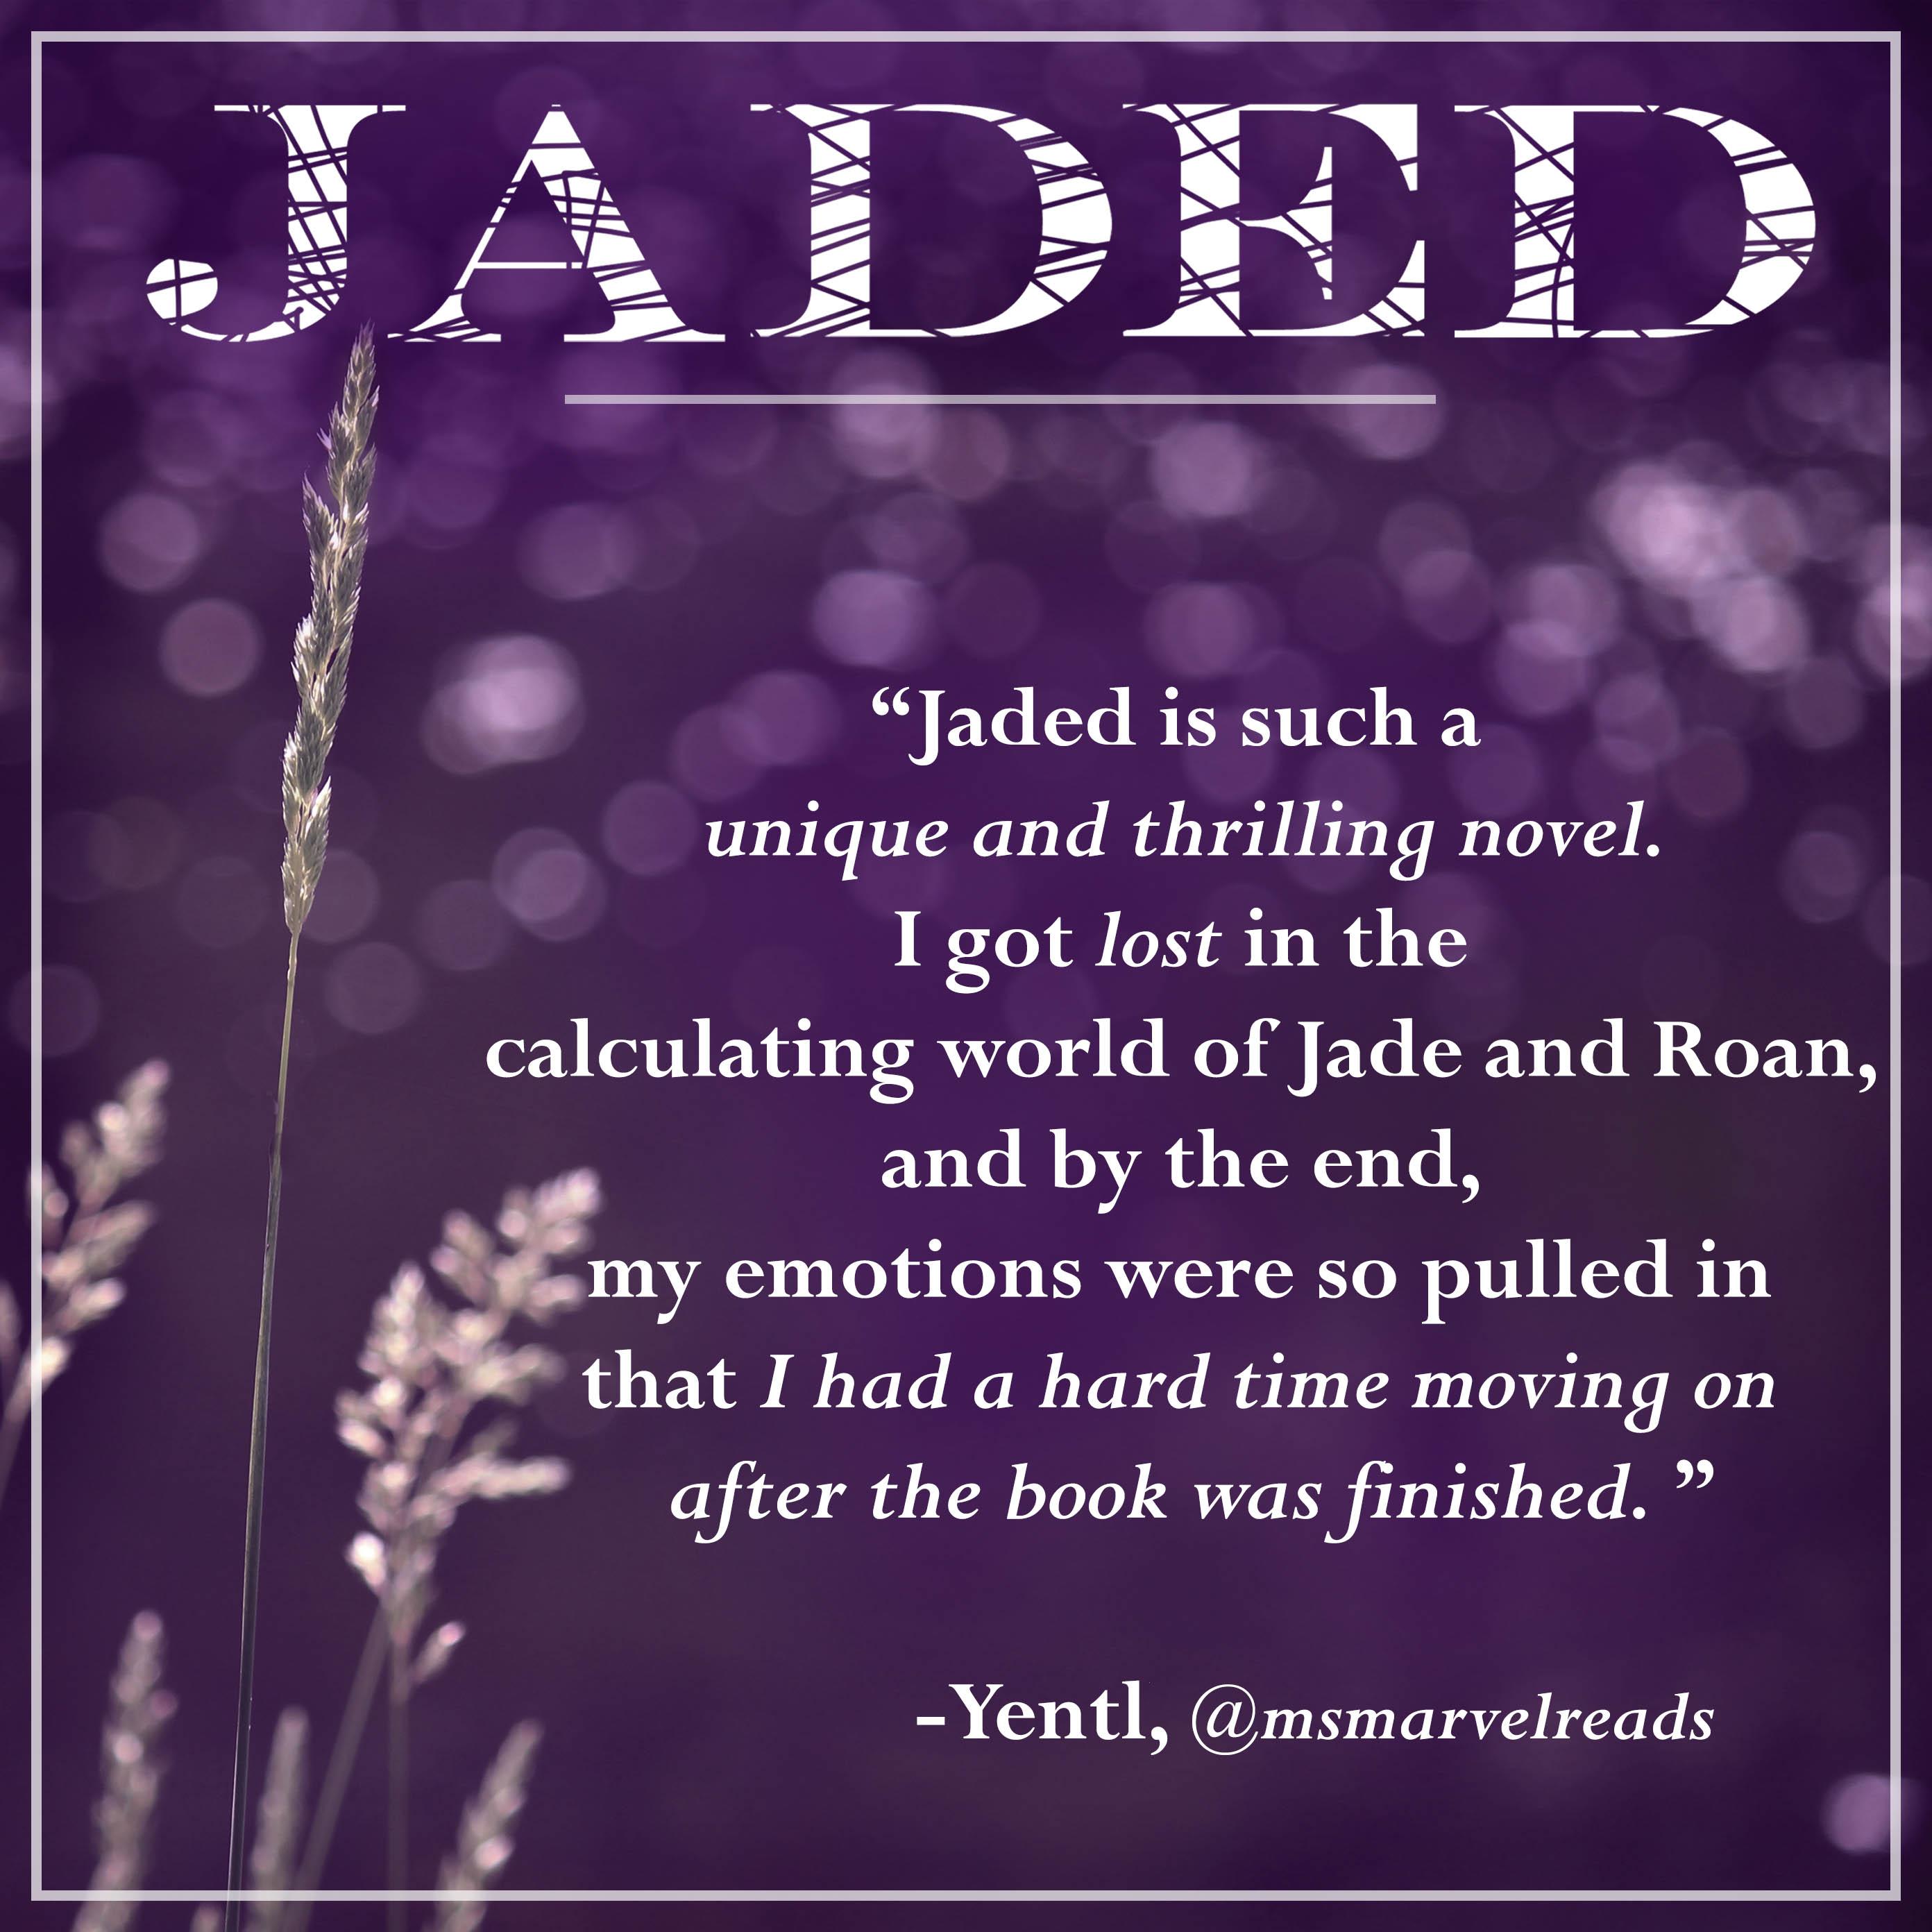 jaded fan quote-yentl